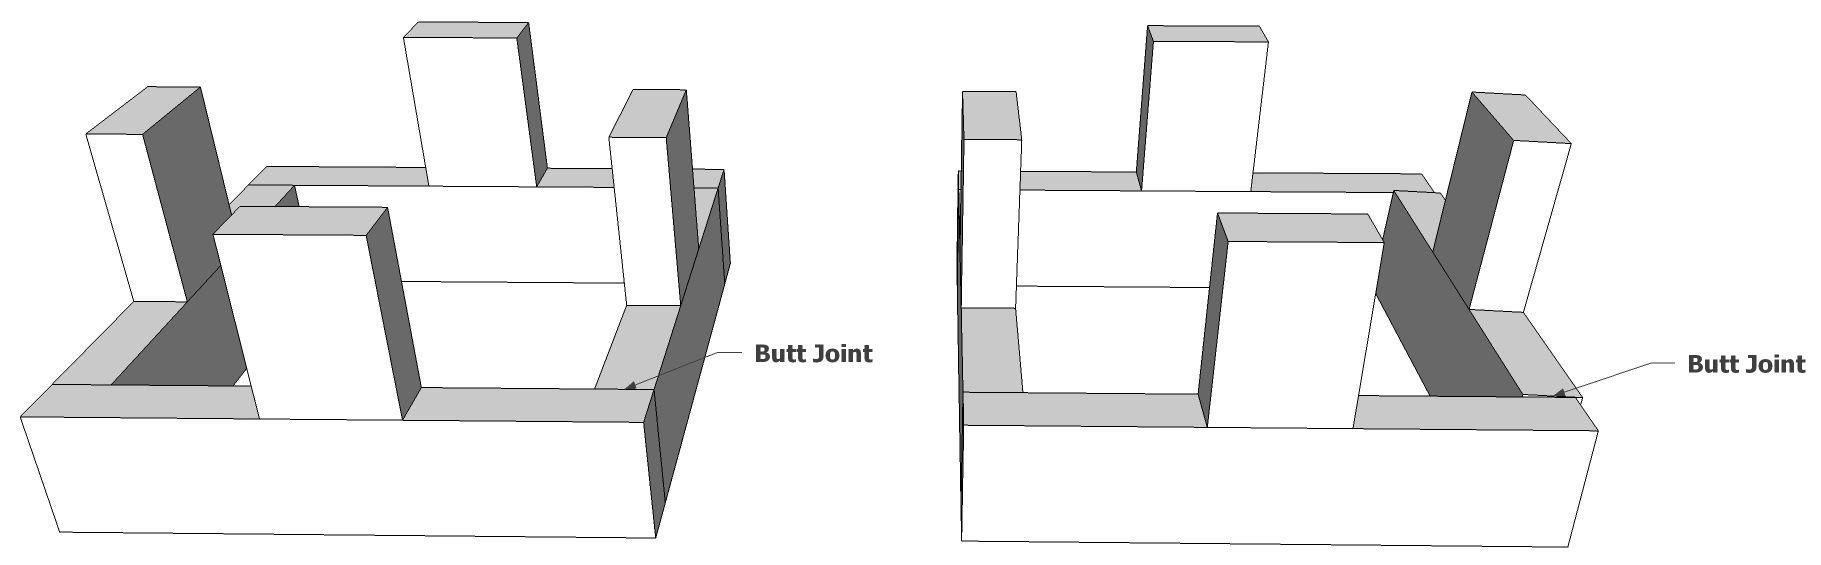 Butt Joint Question.jpg